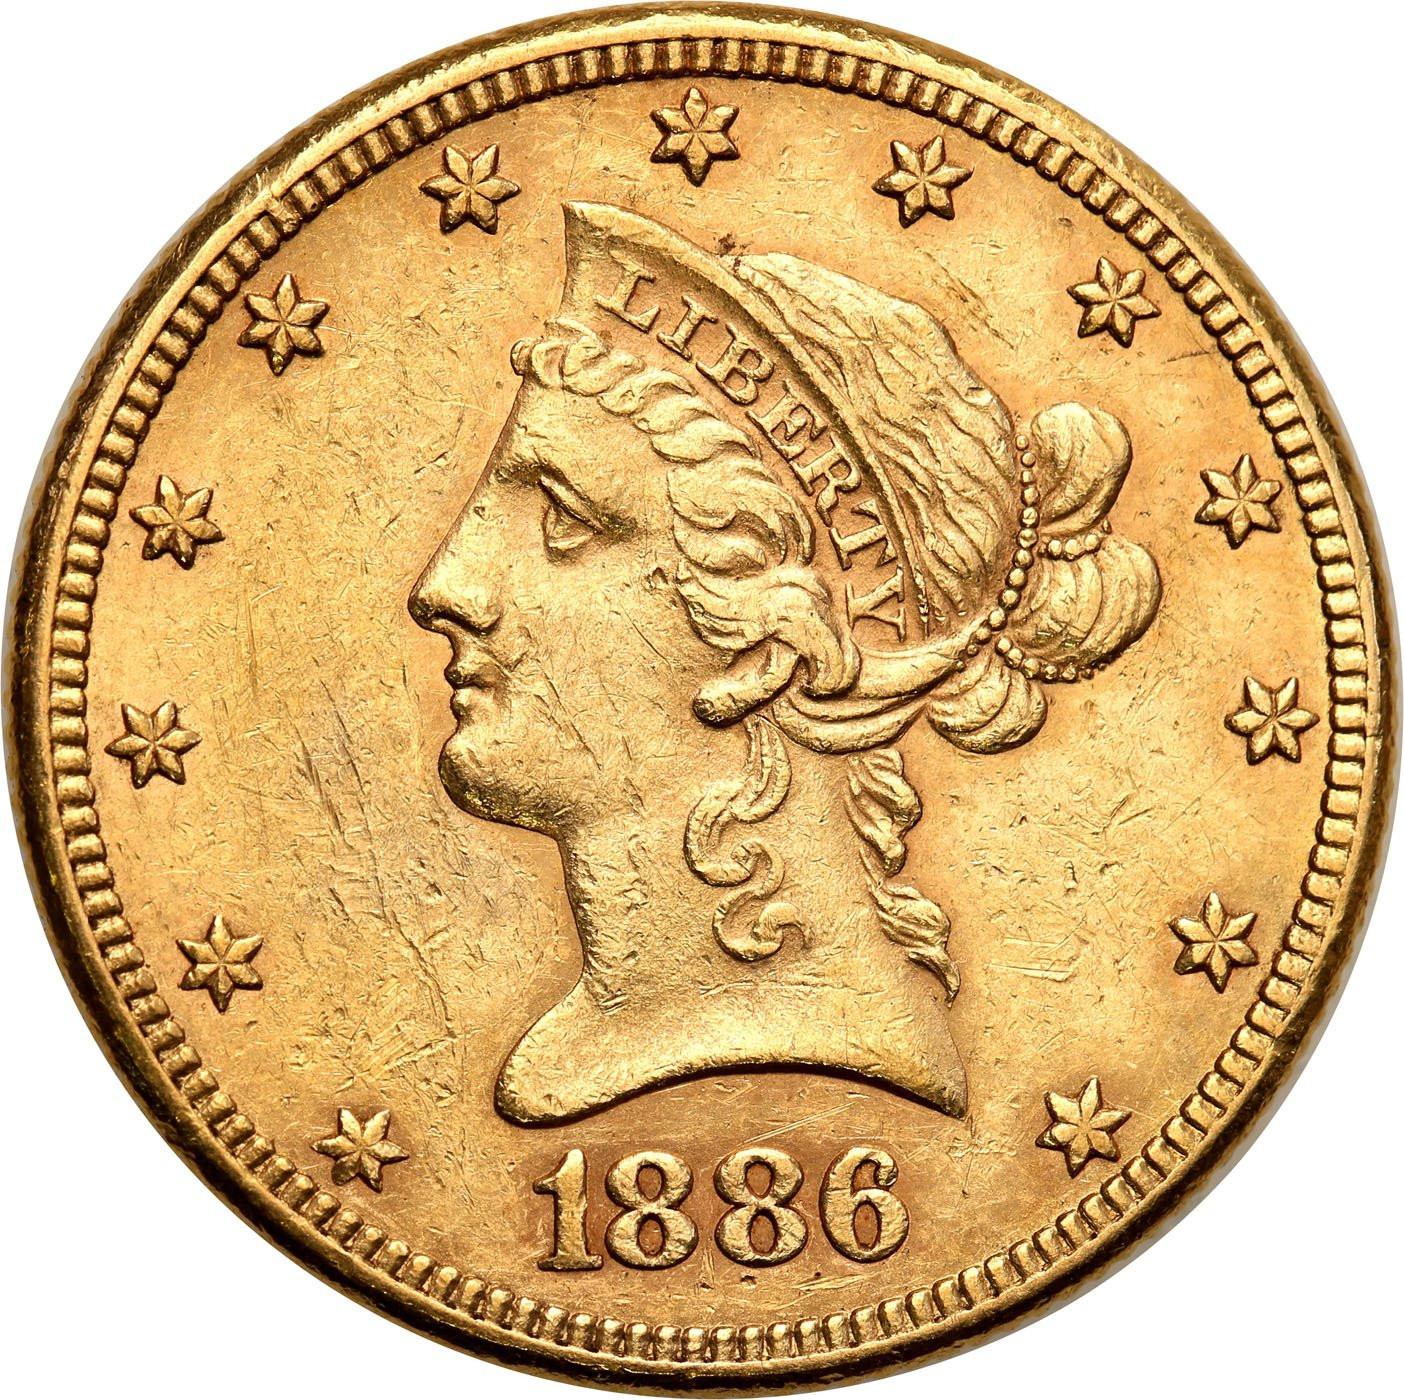 USA 10 dolarów 1886 Filadelfia Liberty